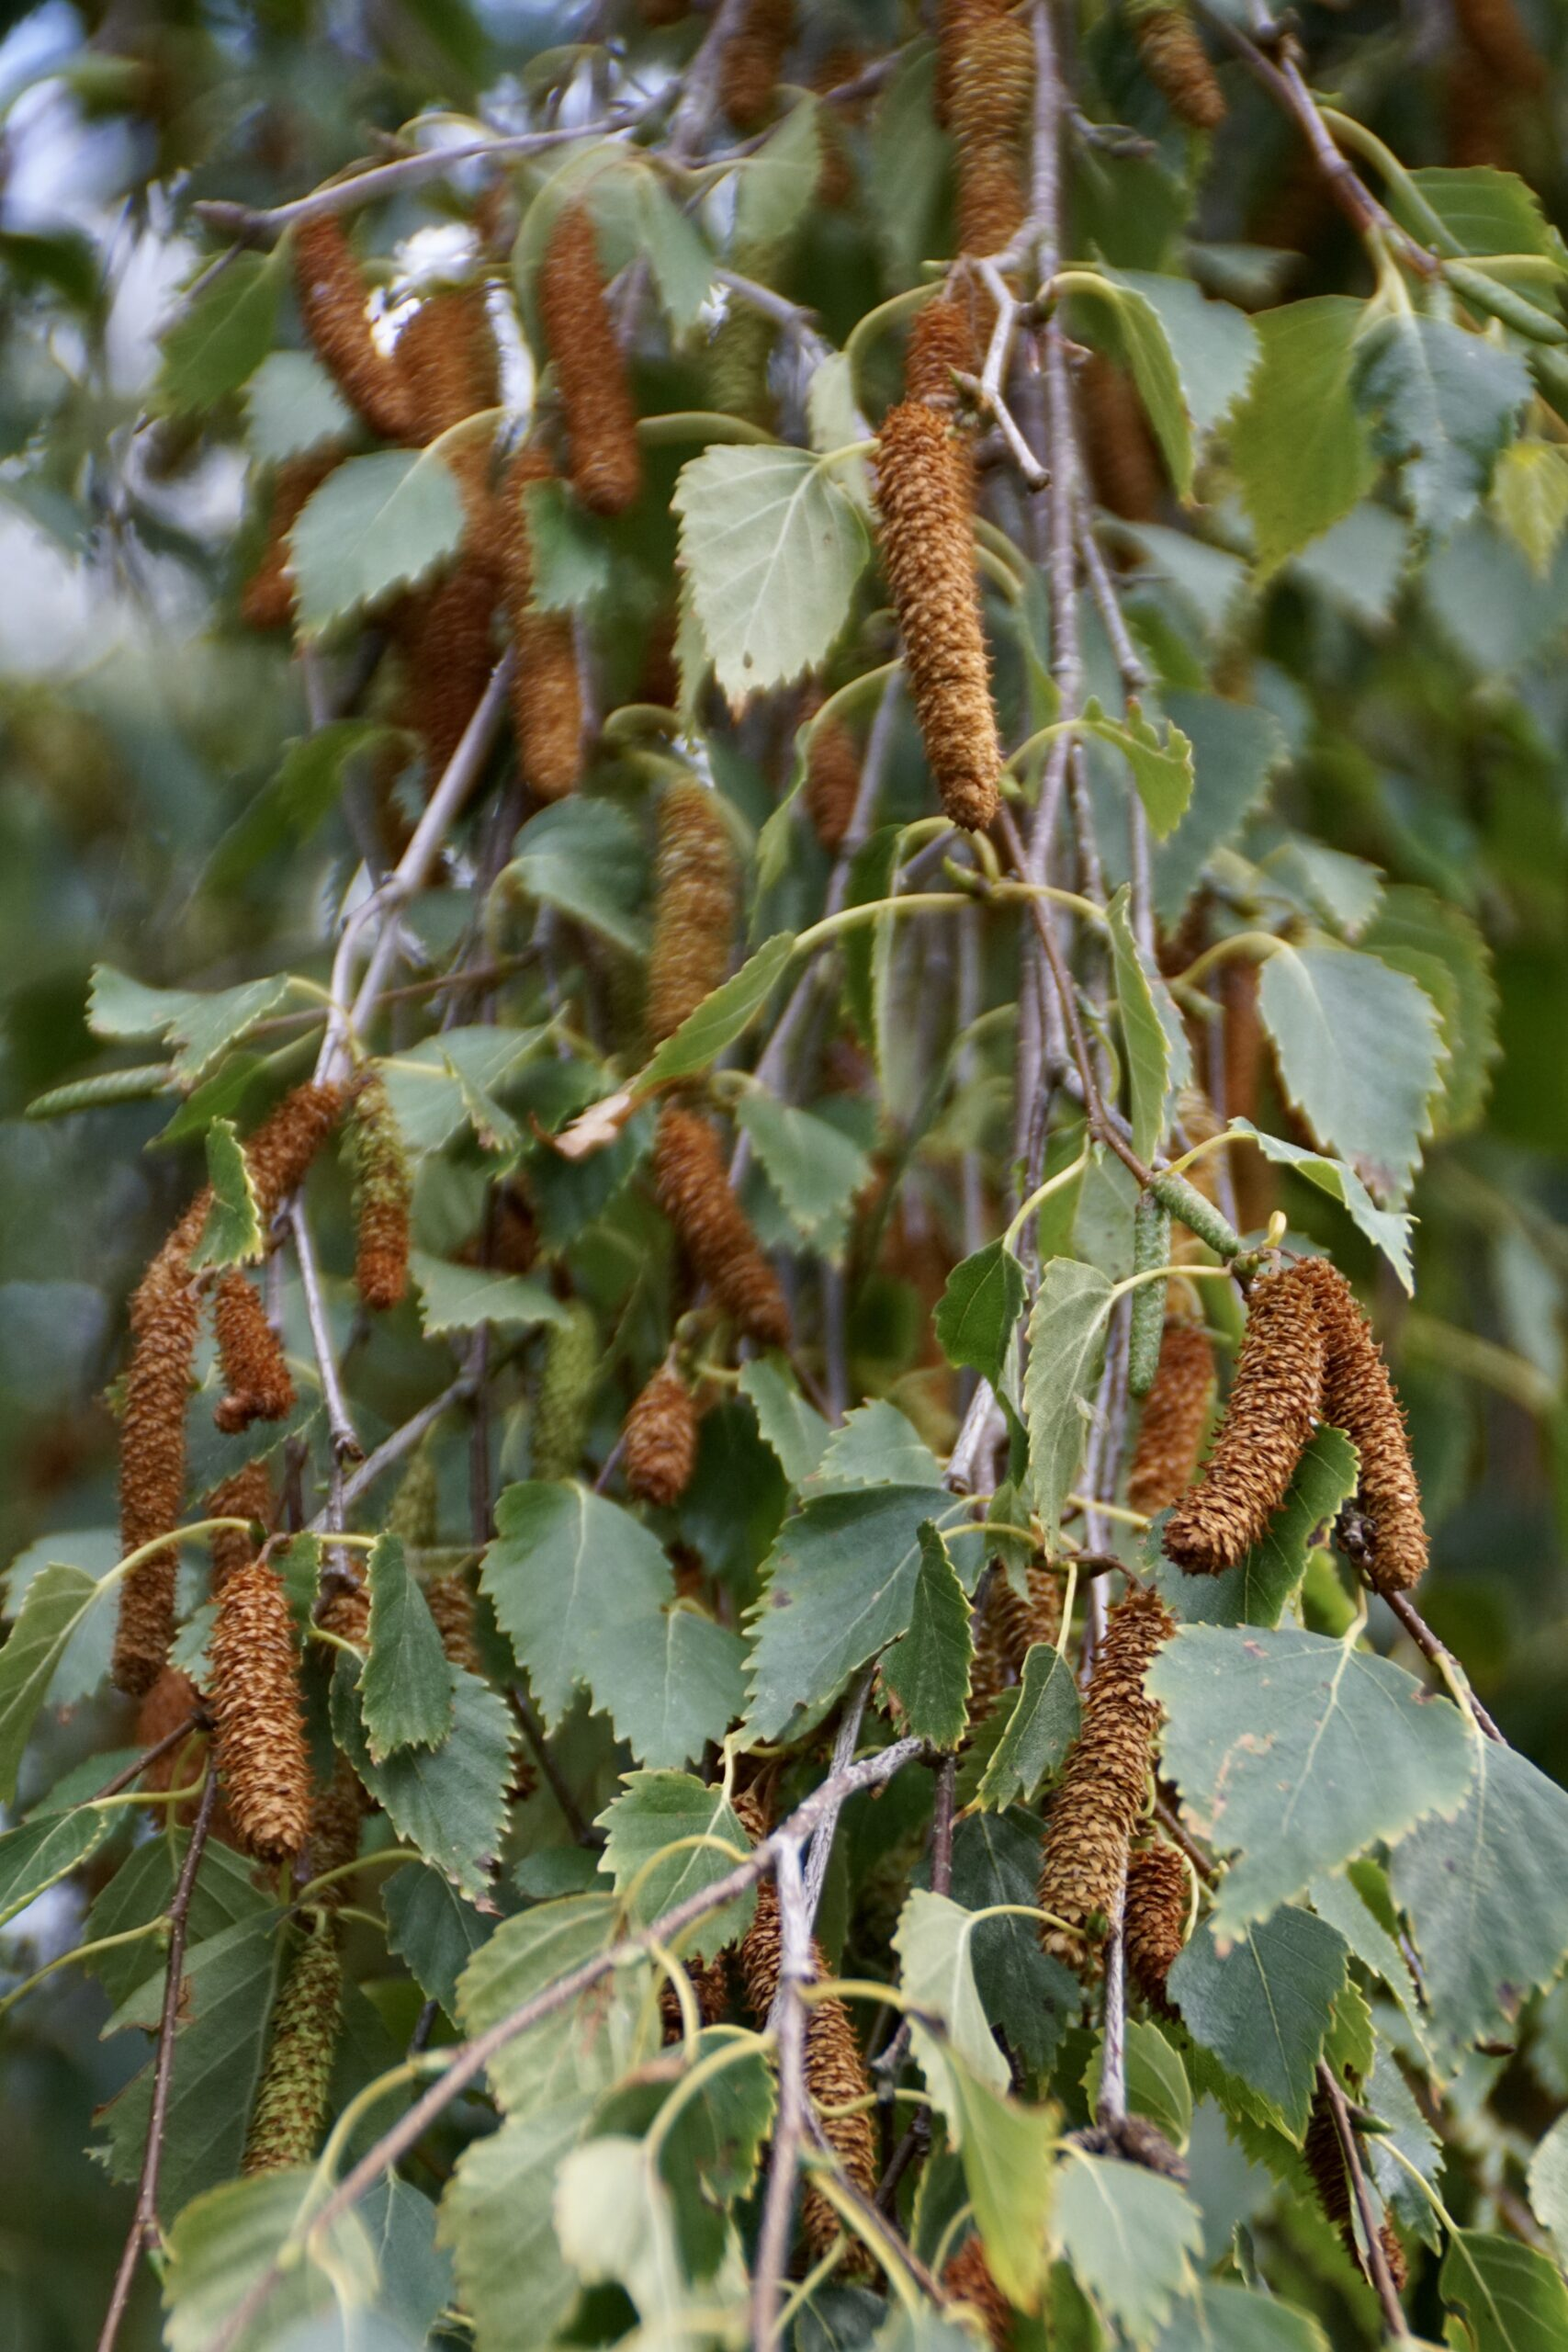 Ripe seeds on a Downy birch - July